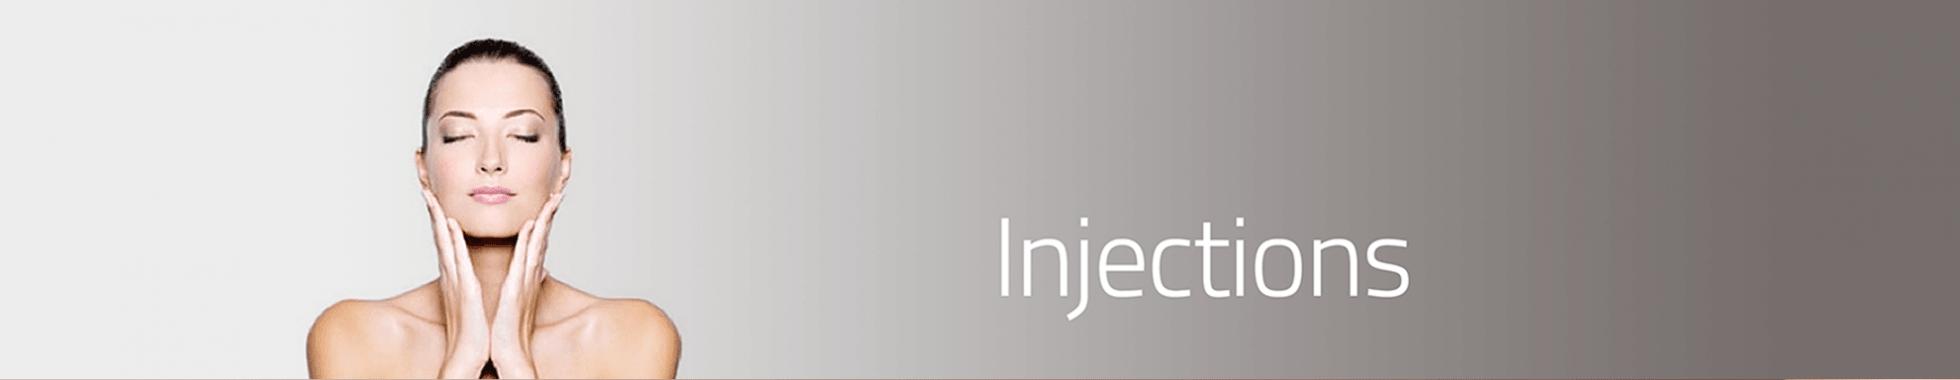 Les injections en médecine esthétique